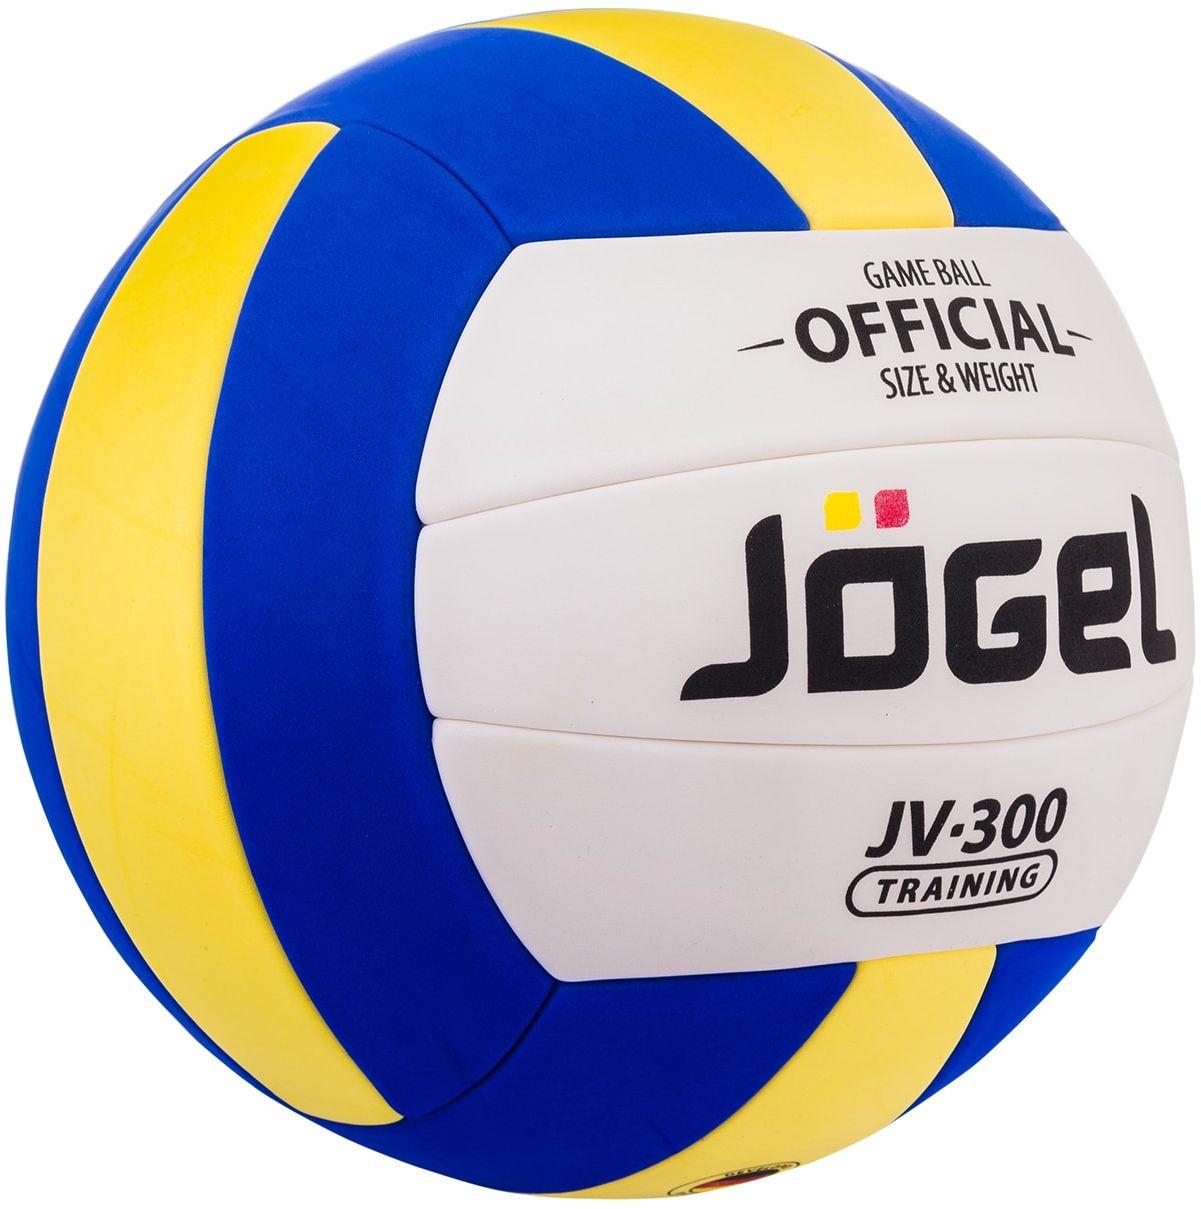 Jogel JV-300 – любительский мяч для классического волейбола в зале. Он отлично подойдет для тренировок начинающим спортсменам и активным любителям. Особенностью данной модели является применение бархатистого на ощупь материала ЭВА, придающему мячу неповторимую мягкость. Это также позволяет снизить вероятность получения синяков и ушибов на руках, даже при сильных ударах. Мяч состоит из 18-ти панелей и оснащен бутиловой камерой. Официальный размер и вес FIBV.